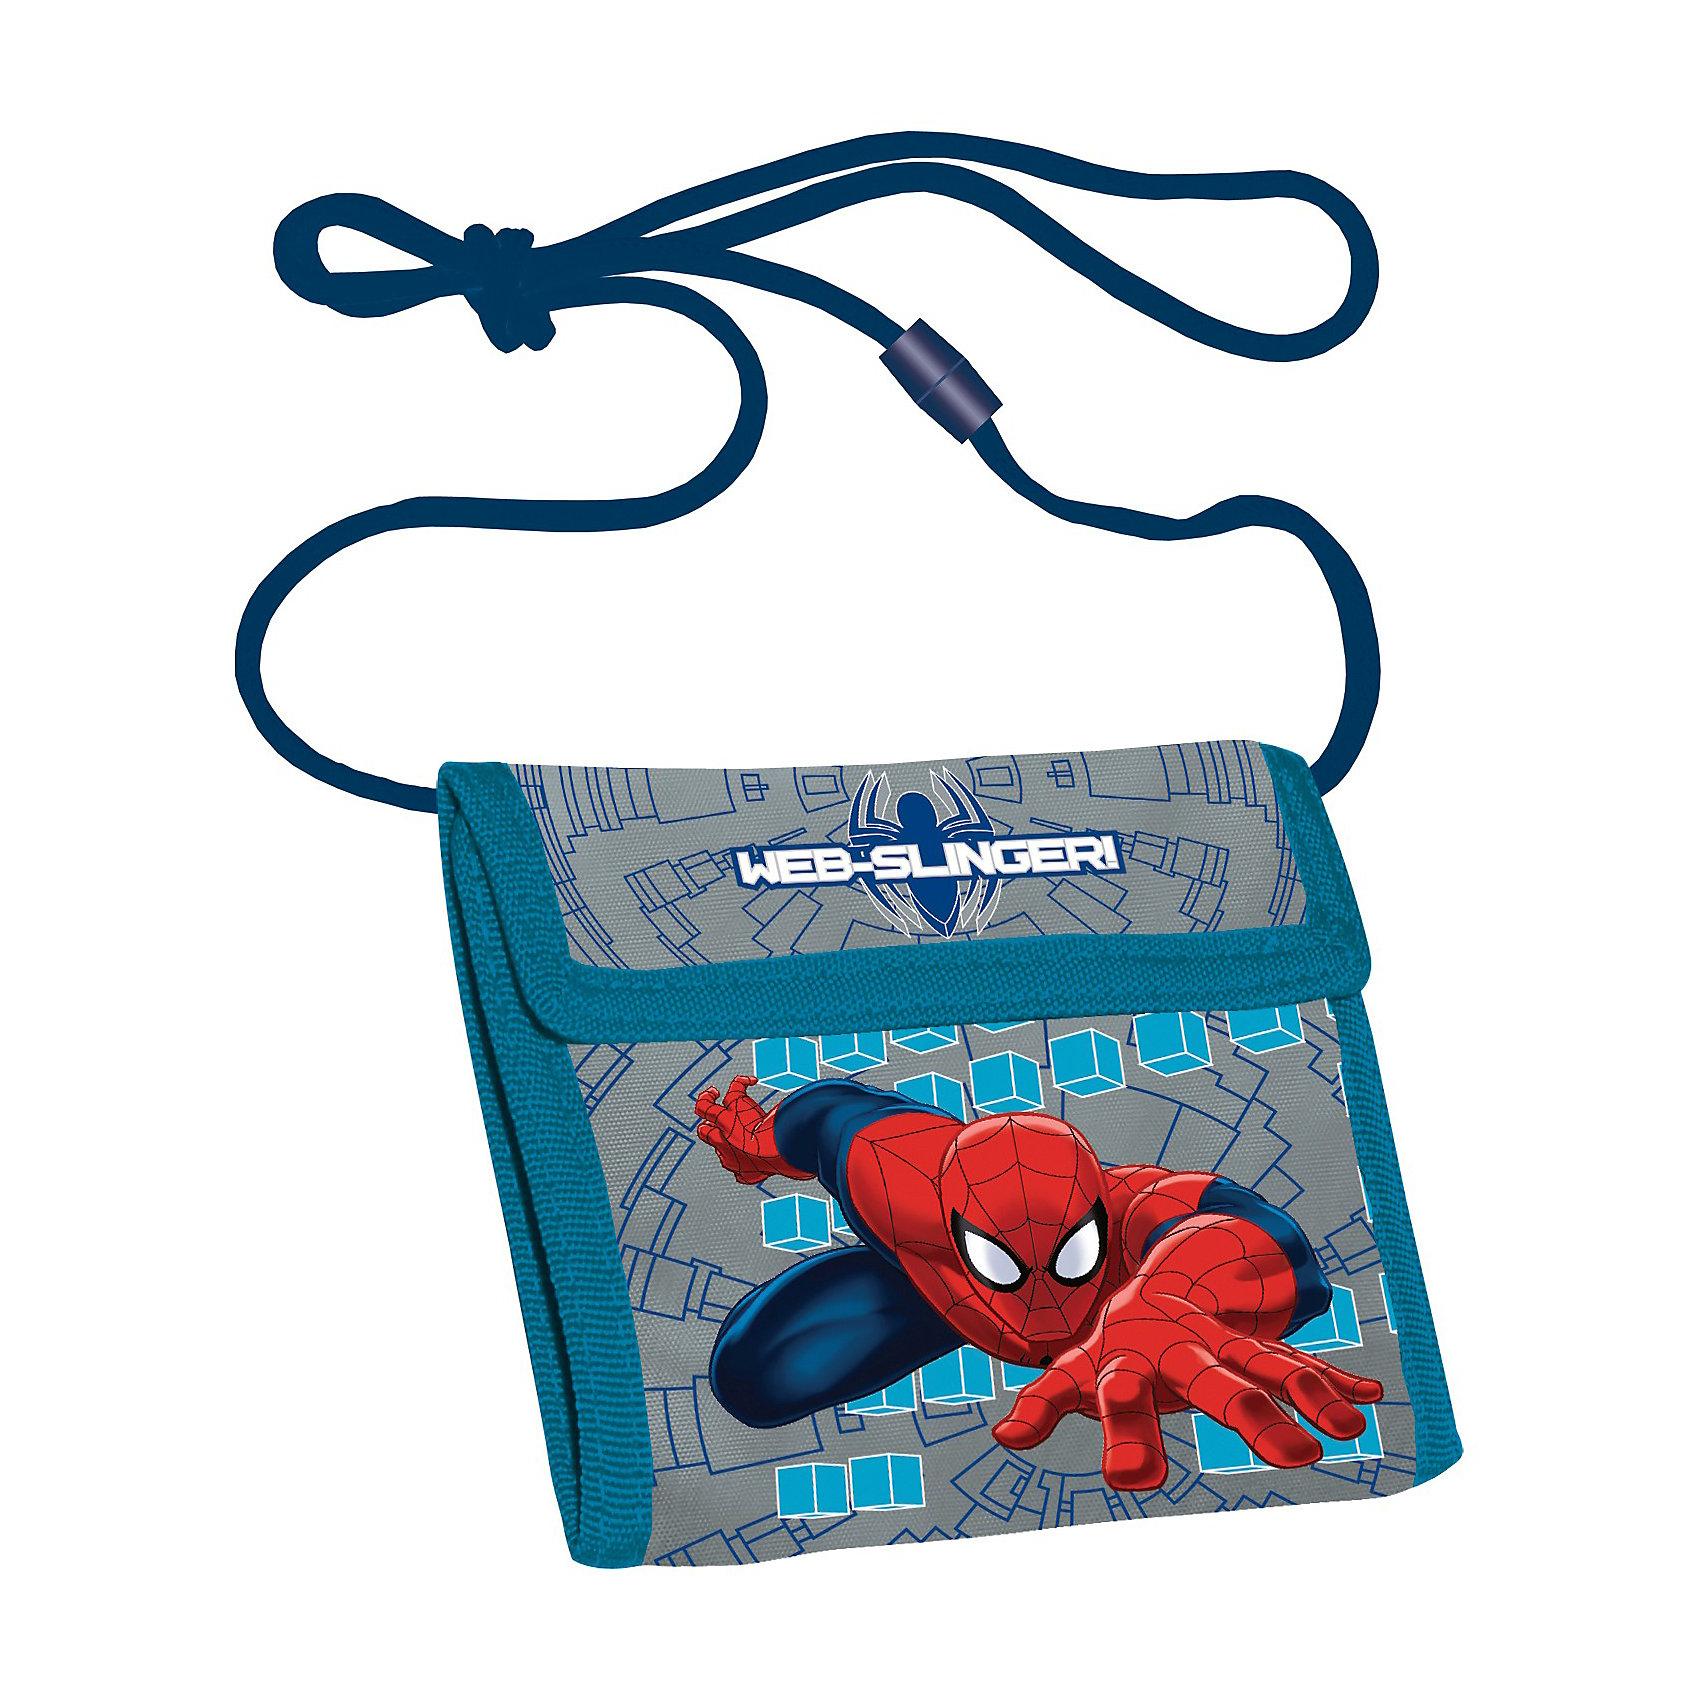 Кошелек, Человек-ПаукДеткий кошелек с изображением Spider man (Человек паук) - отличный подарок для мальчика. Обычно дети любят подражать взрослым, и конечно иметь свой собственный кошелек - это мечта любого ребенка. В него можно складывать деньги на карманные расходы, а также хранить в нем различные вкладыши, наклейки и пр. Детский  кошелек Человек паук имеет яркую расцветку с картинками из известного фильма. Закрывается на липучку, имеет карман на молнии. Такой детский кошелек станет классным аксессуаром для вашего мальчика.<br><br>Дополнительная информация:<br><br>- размеры: 9 х 9 х 2 см<br><br>Кошелек, Человек-паук можно купить в нашем магазине.<br><br>Ширина мм: 100<br>Глубина мм: 150<br>Высота мм: 10<br>Вес г: 100<br>Возраст от месяцев: 48<br>Возраст до месяцев: 84<br>Пол: Мужской<br>Возраст: Детский<br>SKU: 3562982